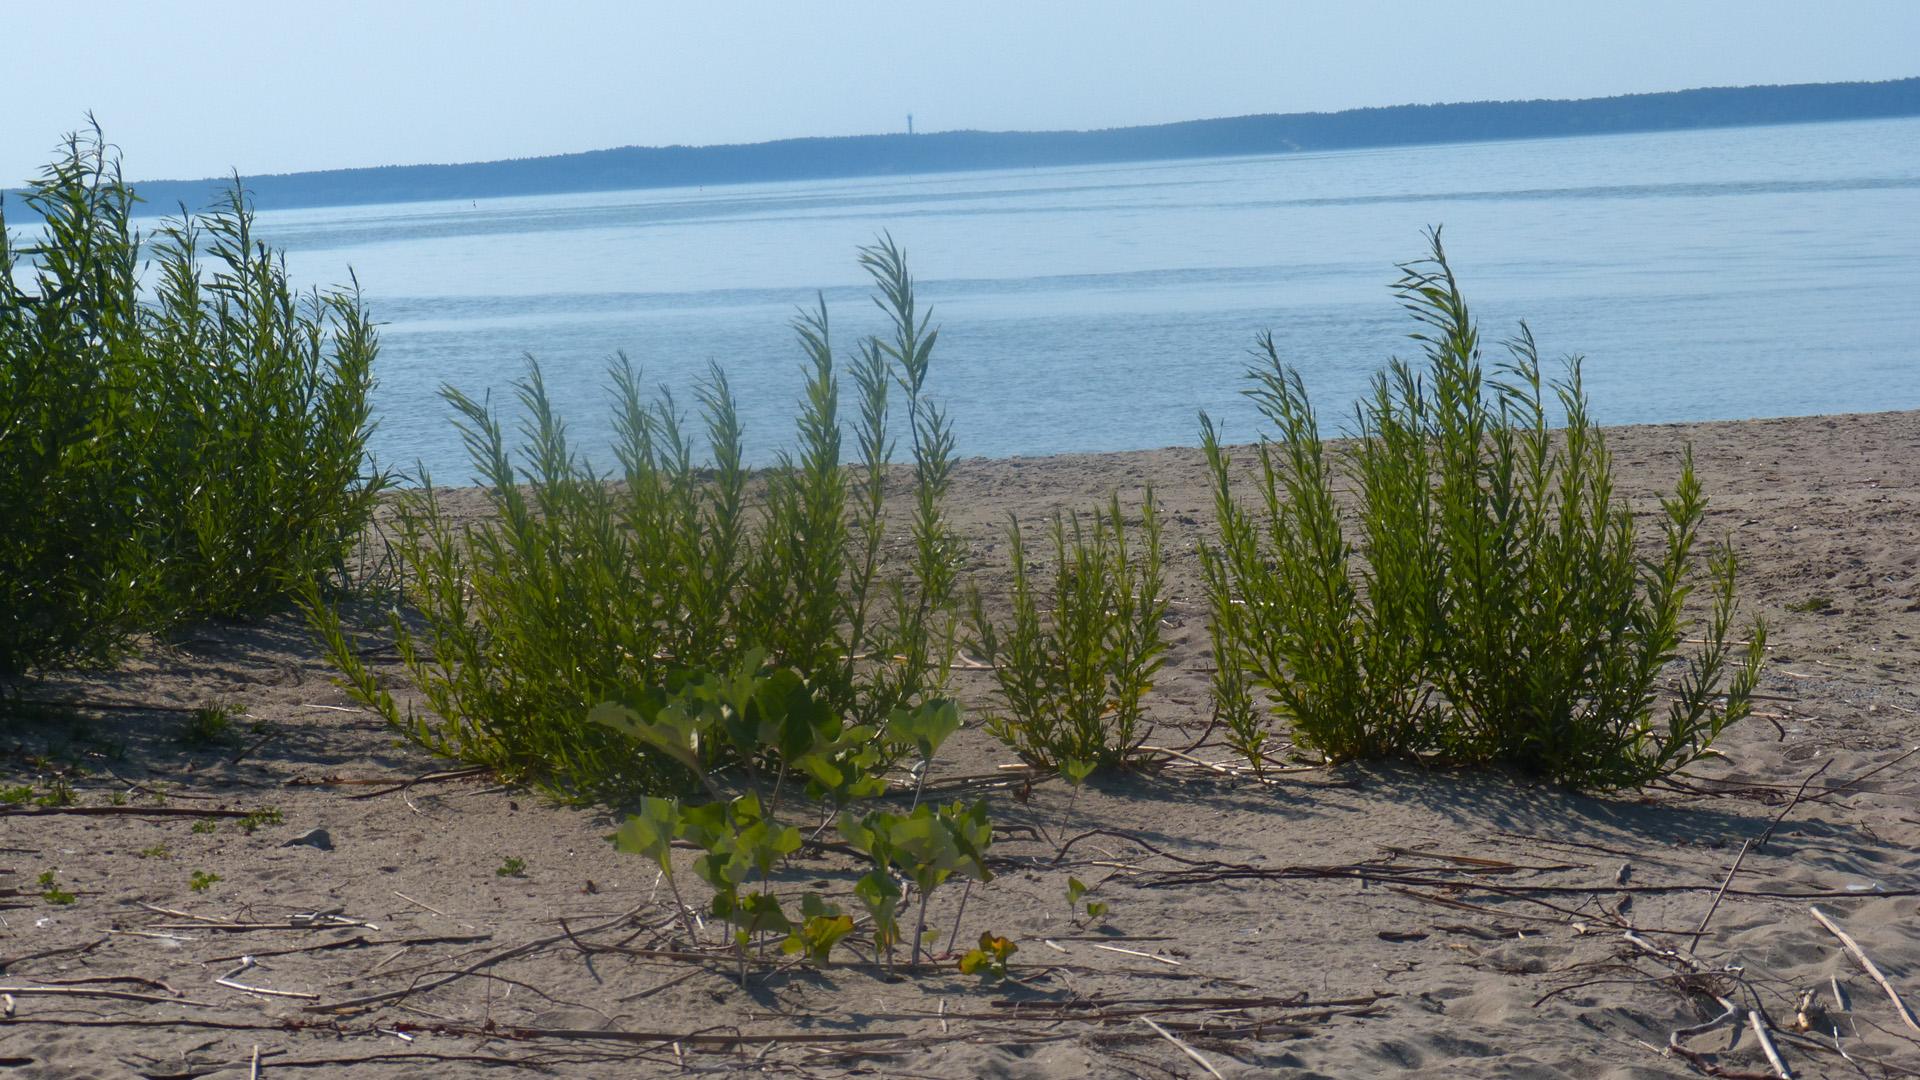 Zalew Wiślany - plaża